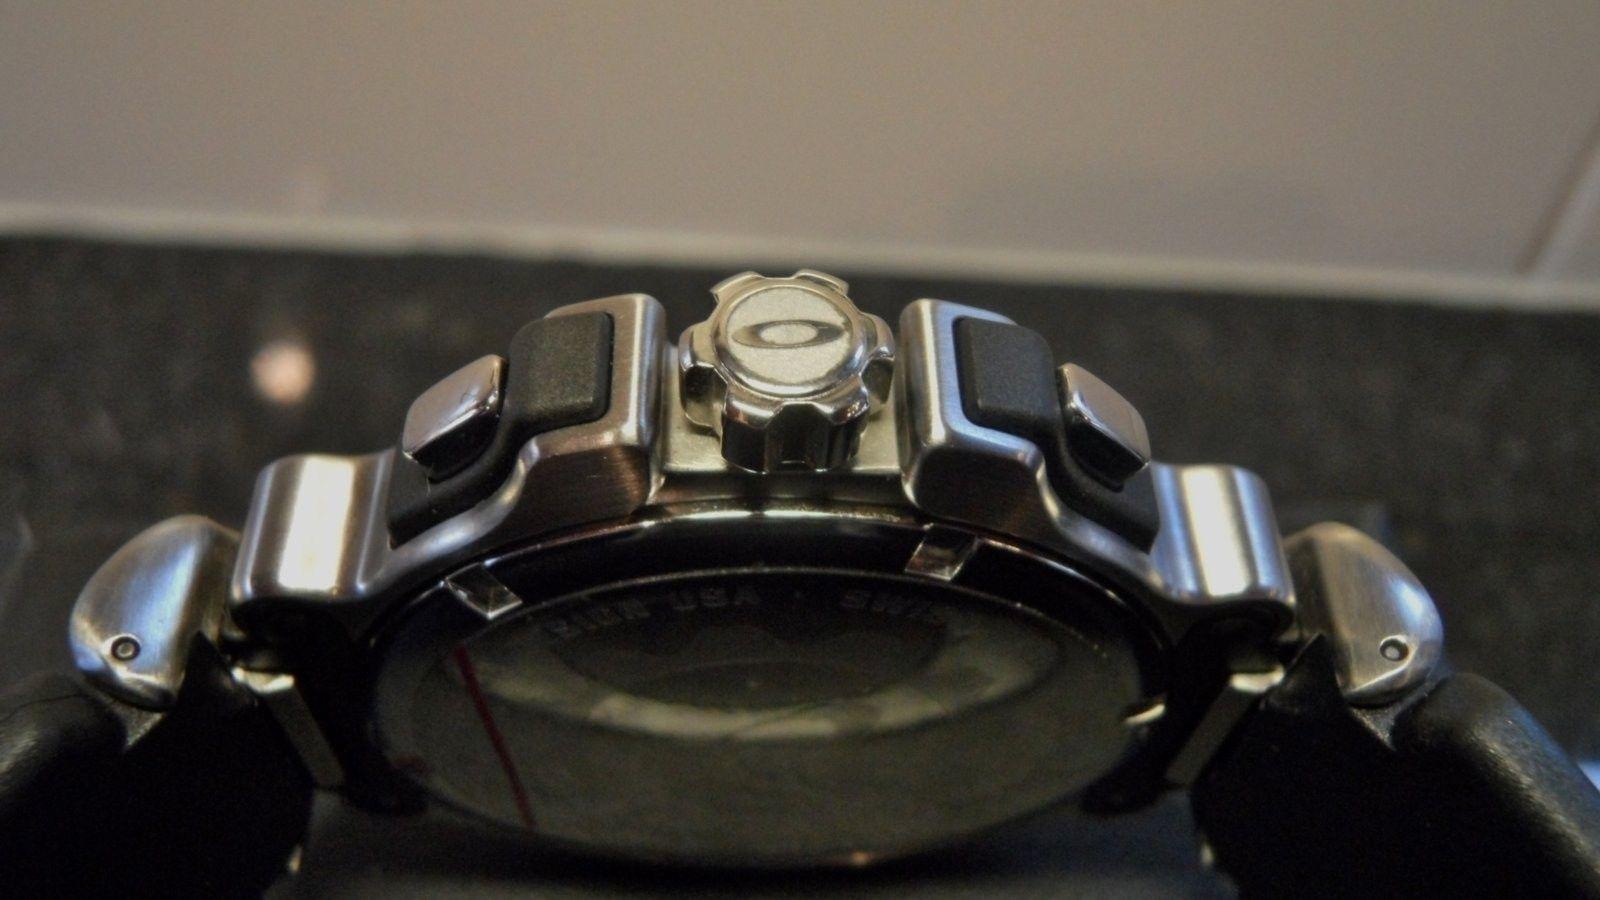 Brand New Crankcase Watch Stainless Steel/Black with Unobtanium - SAM_0007.JPG